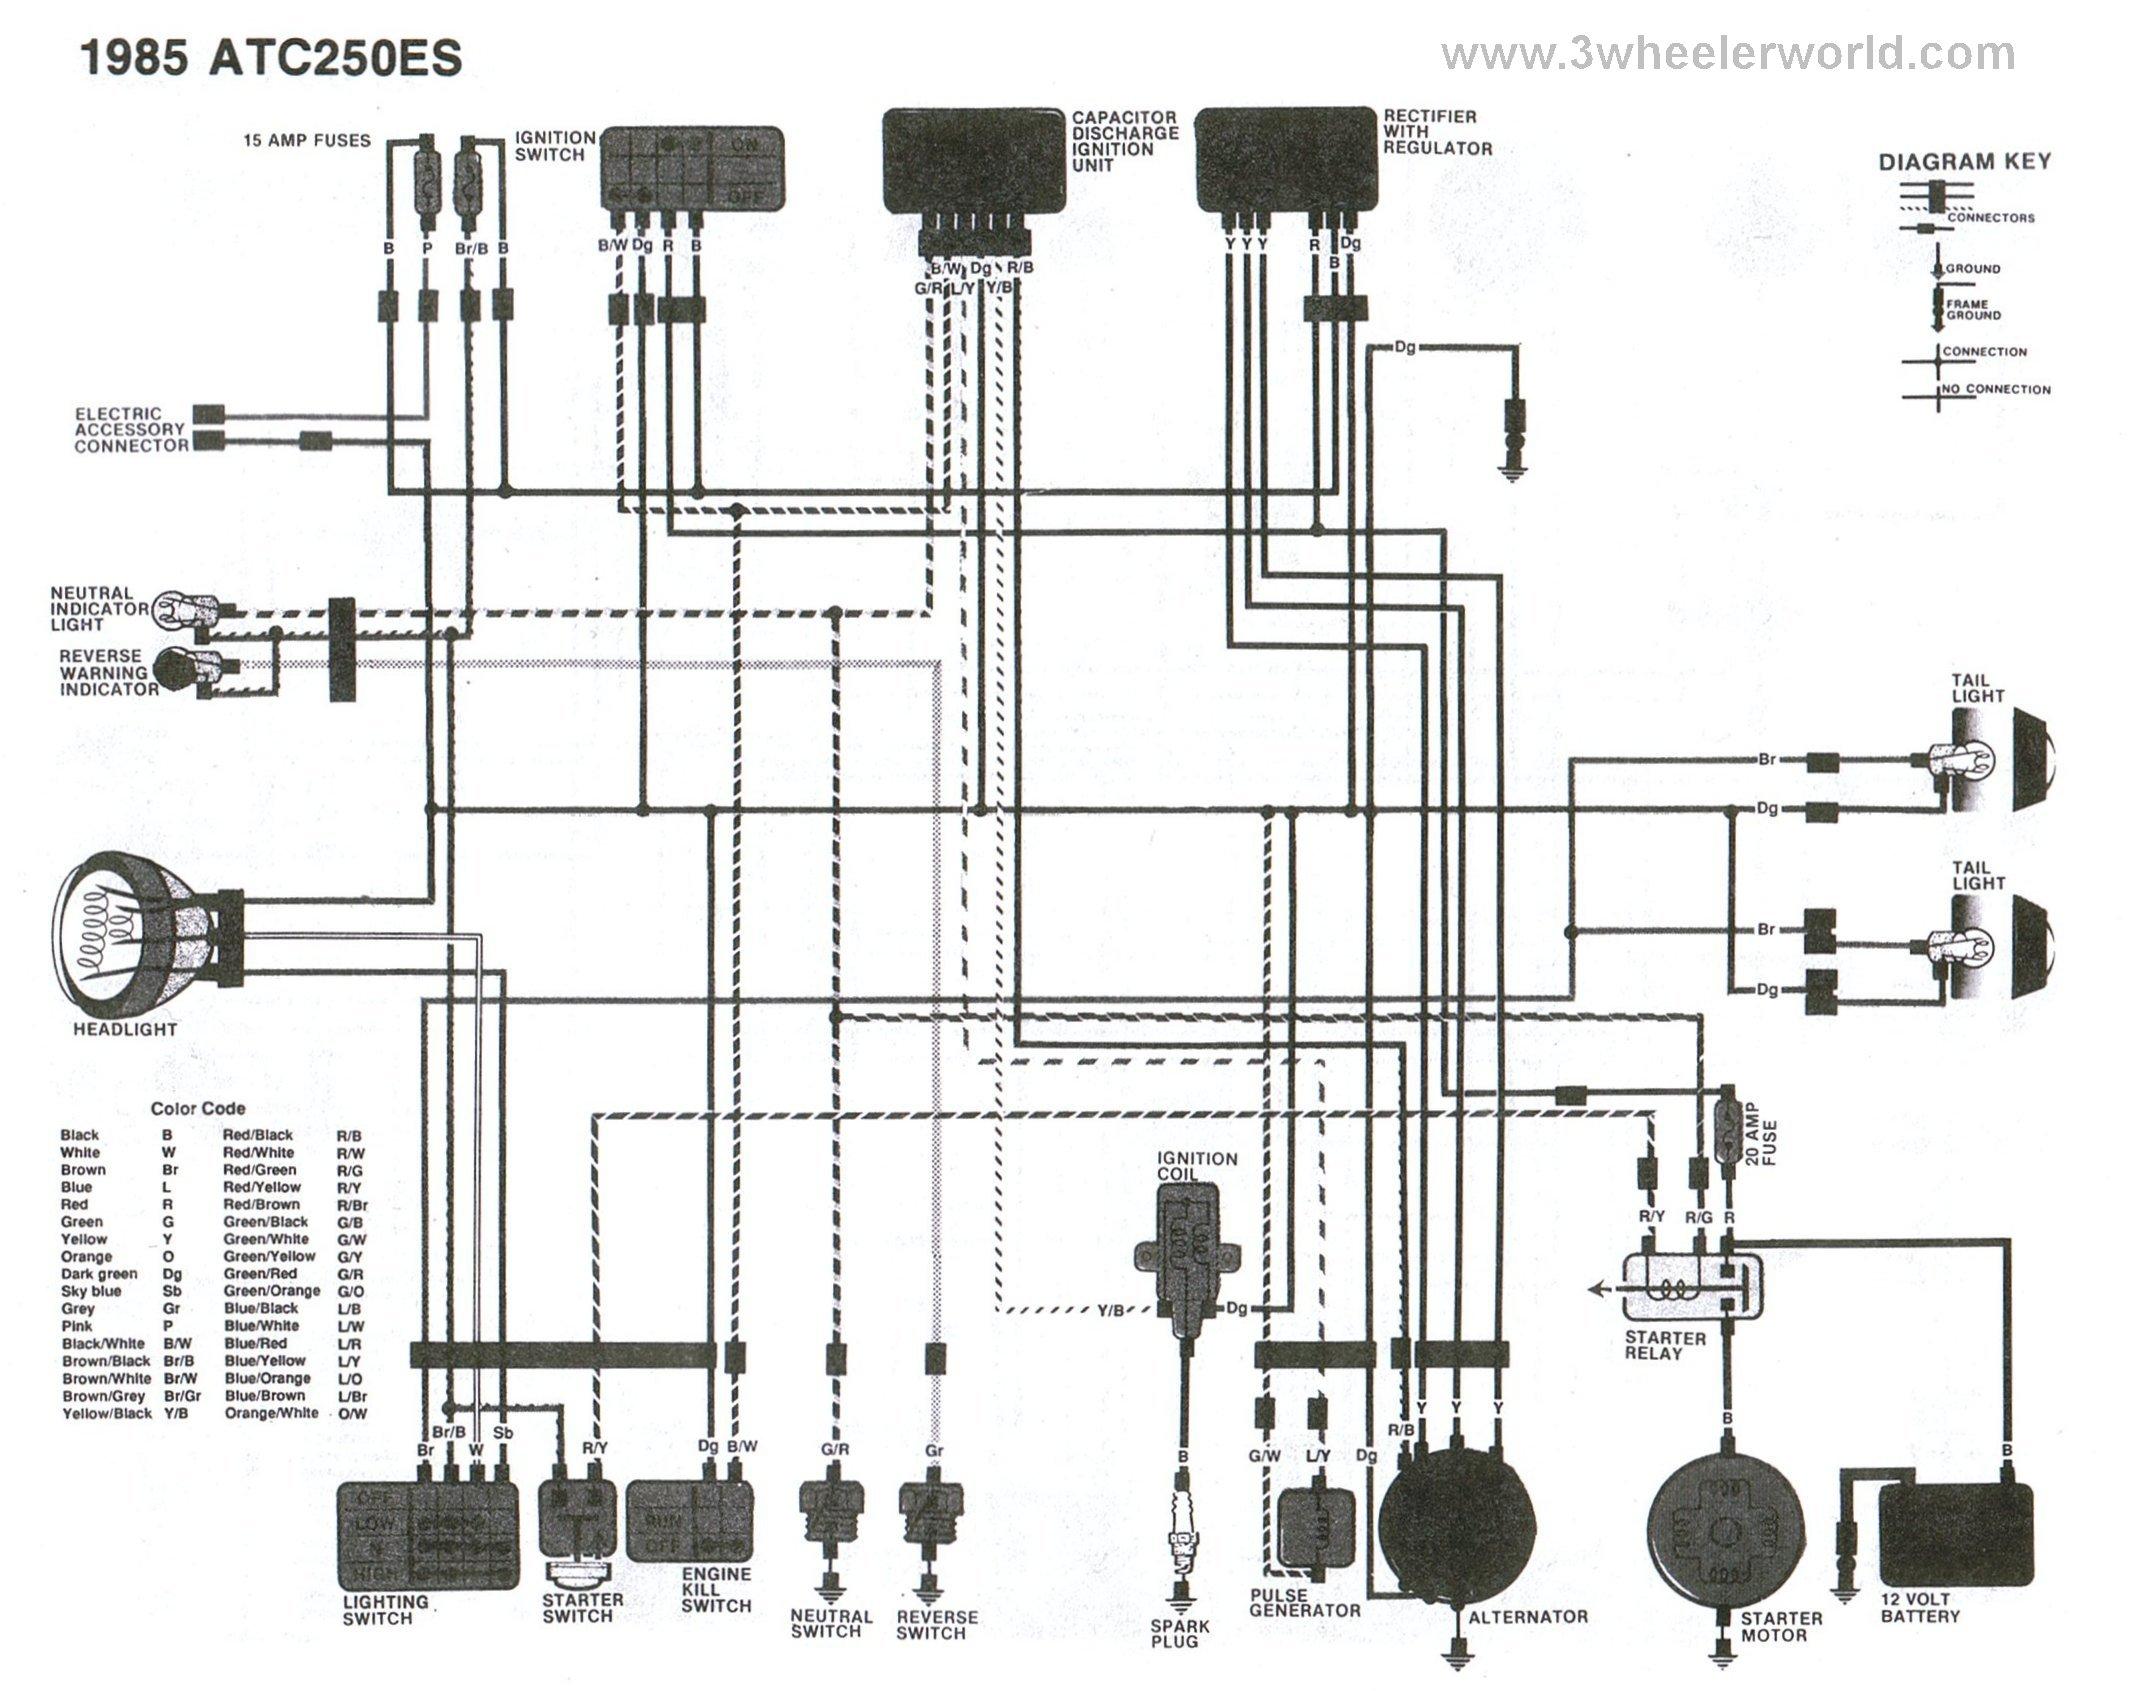 1999 400ex wiring diagram circuit diagram symbols u2022 rh veturecapitaltrust co